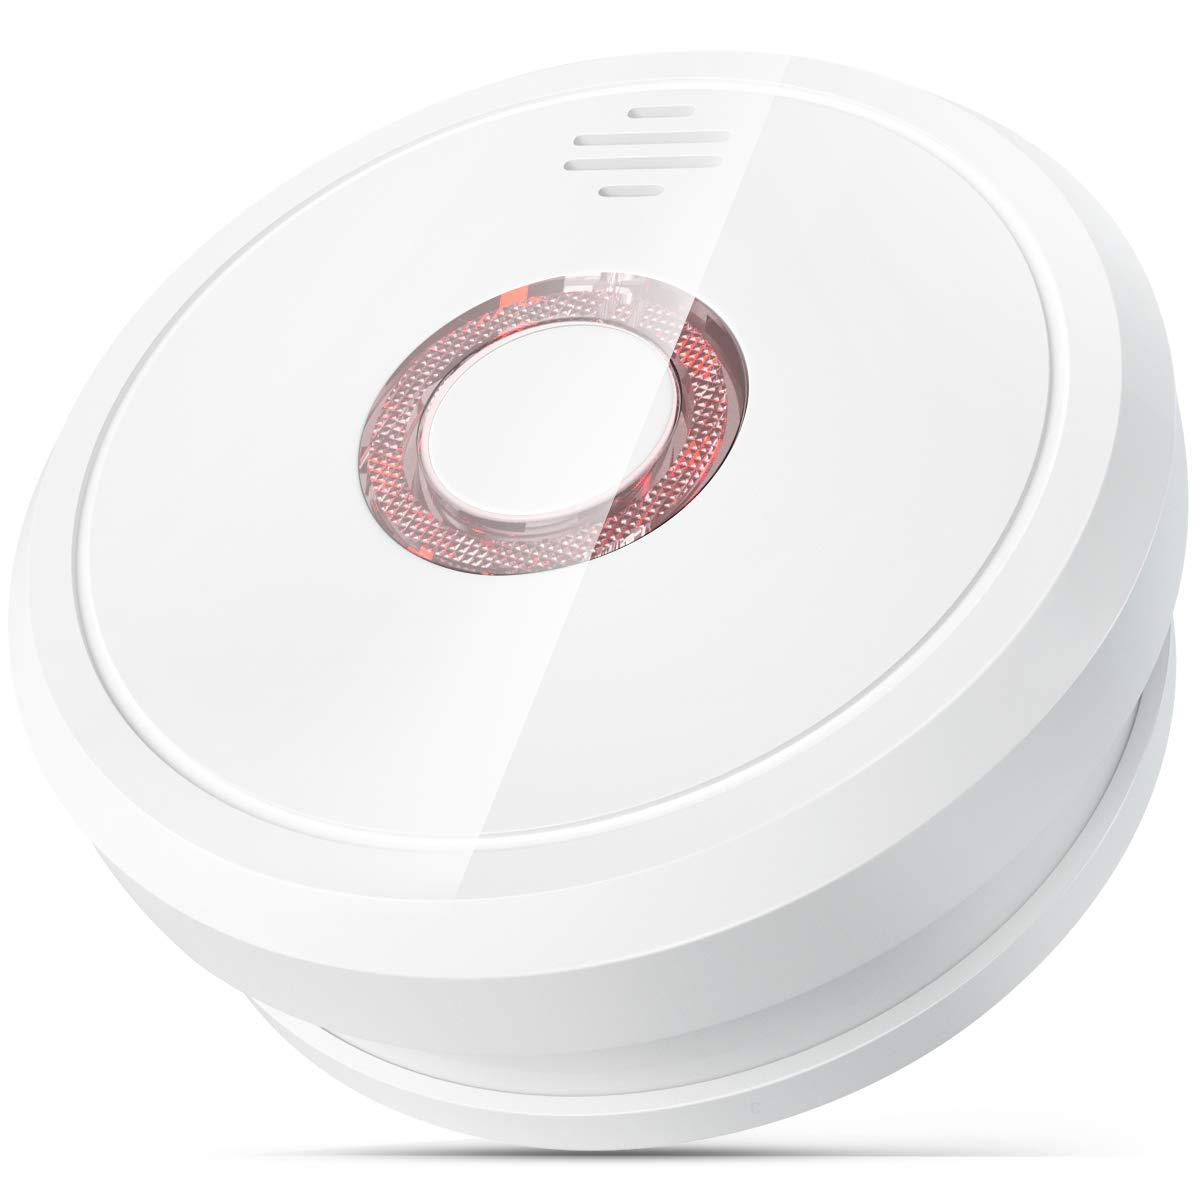 Detector de Humo, Isafenest Alarma de Humo con Certificación CE/EN 14604/TÜV Sensor Fotoeléctrico Independiente Voz de 85 dB